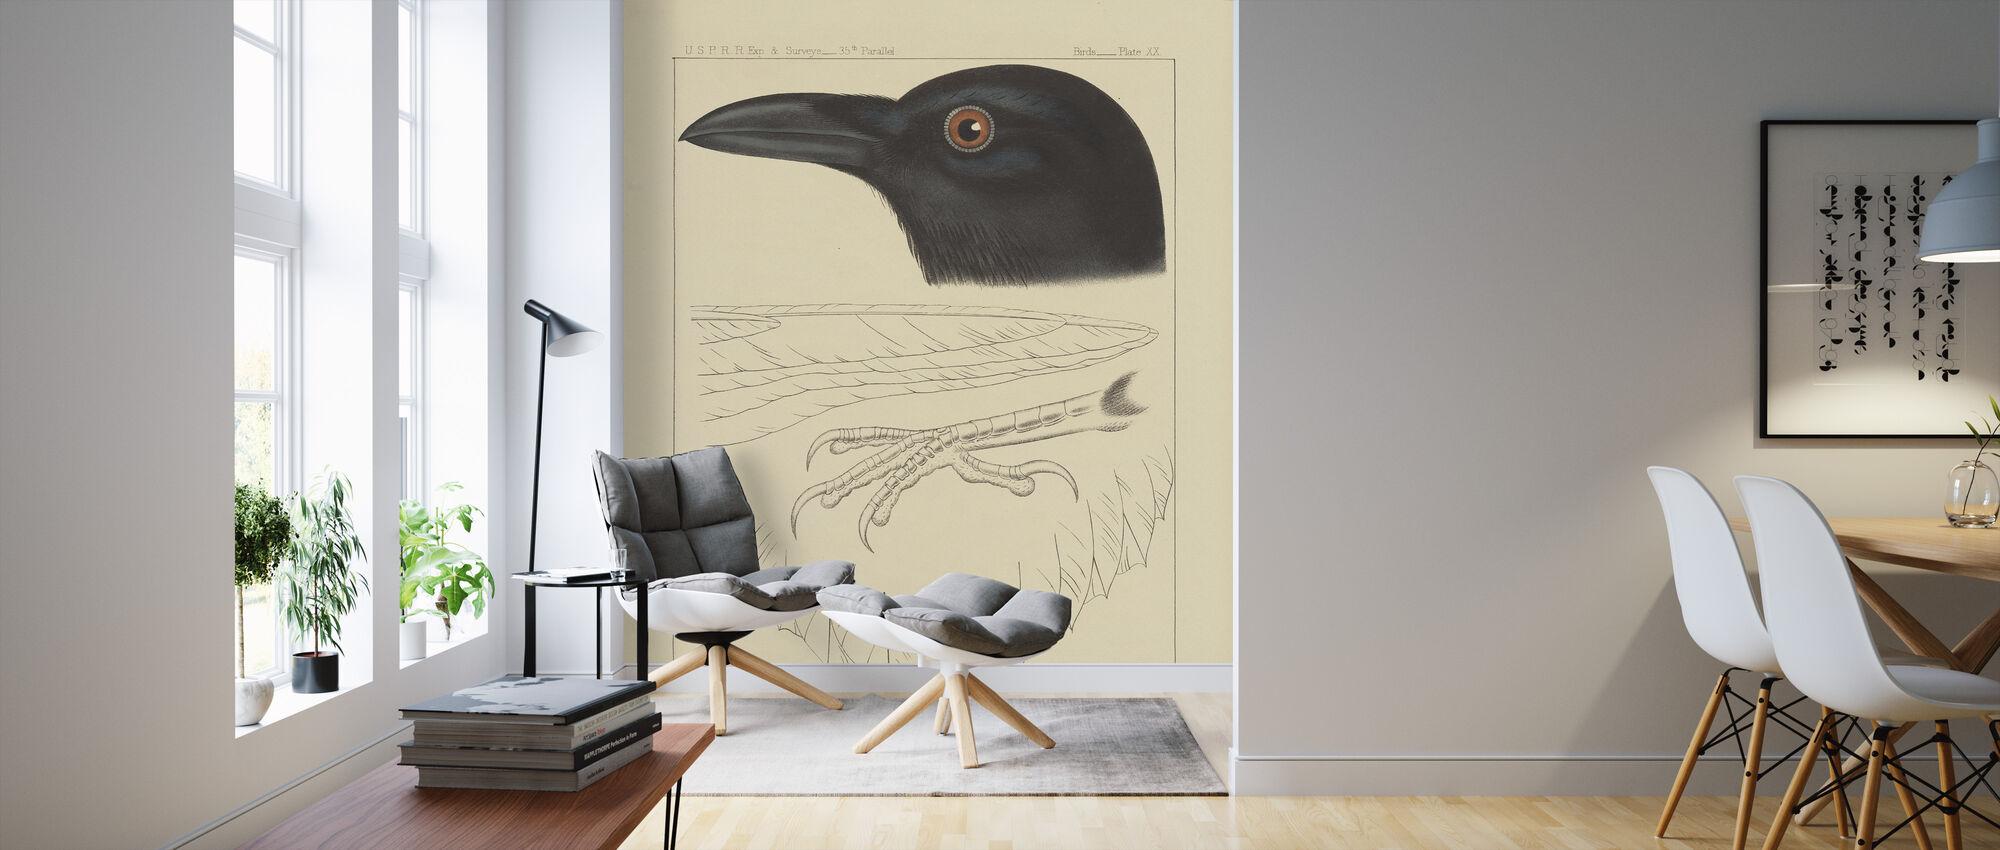 Bird Prints II - Wallpaper - Living Room